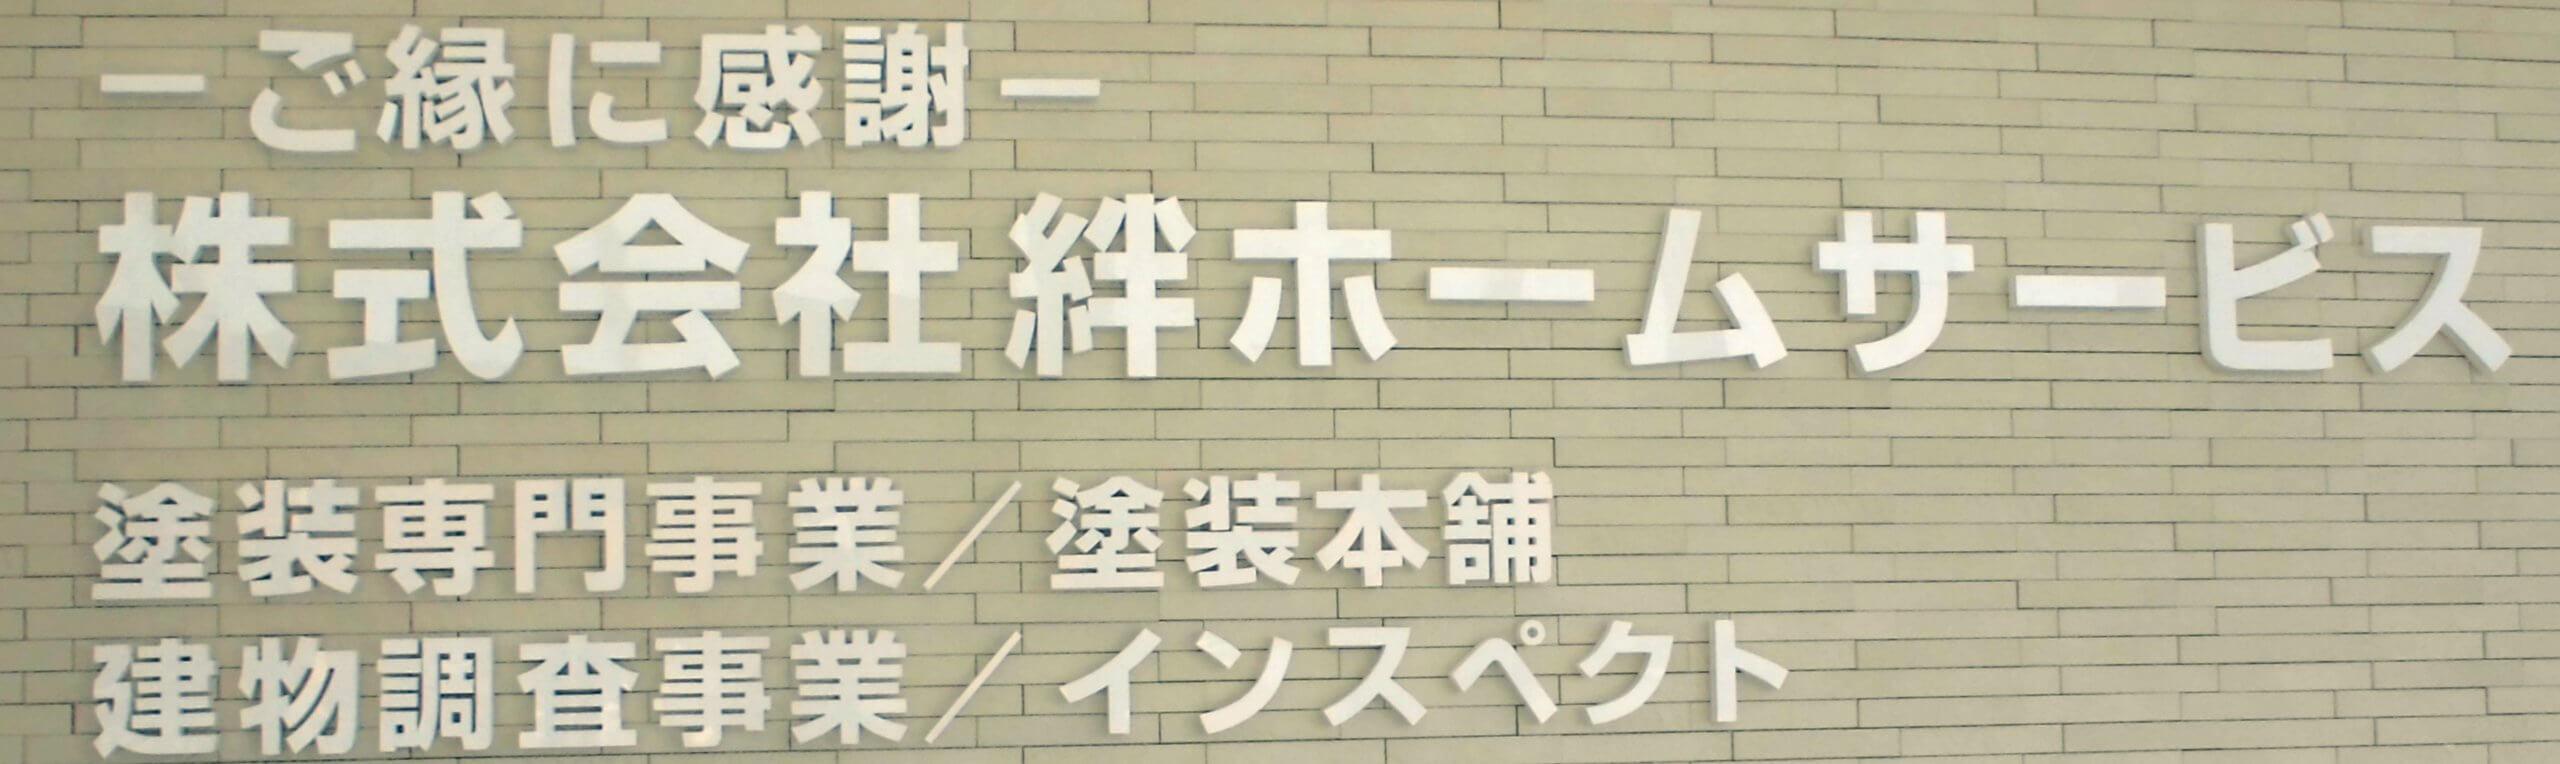 インスペクト/株式会社絆ホームサービス